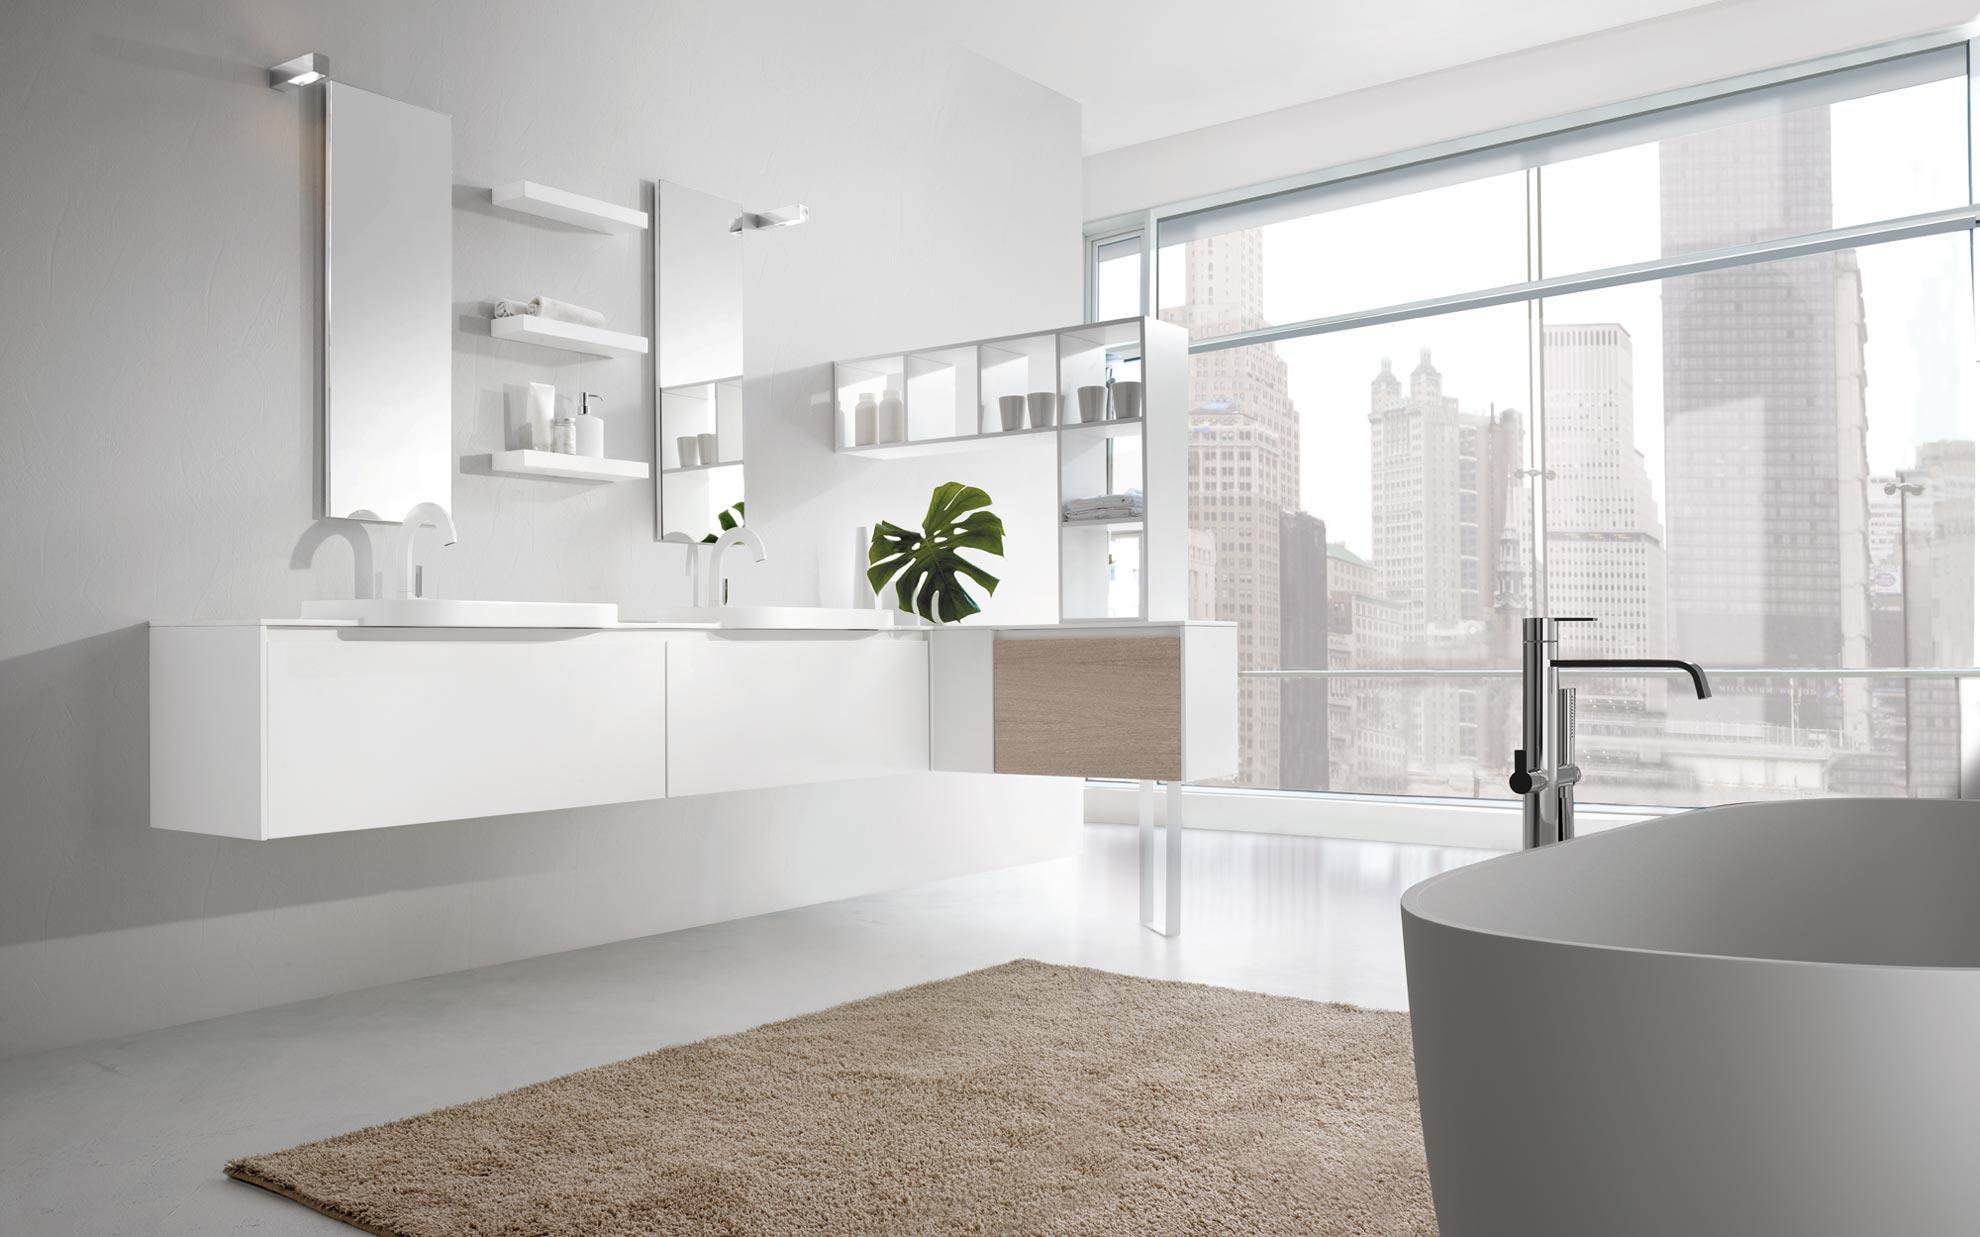 Arredo bagno mobili bagno made in italy bathroom furniture - Idea mobili bagno ...